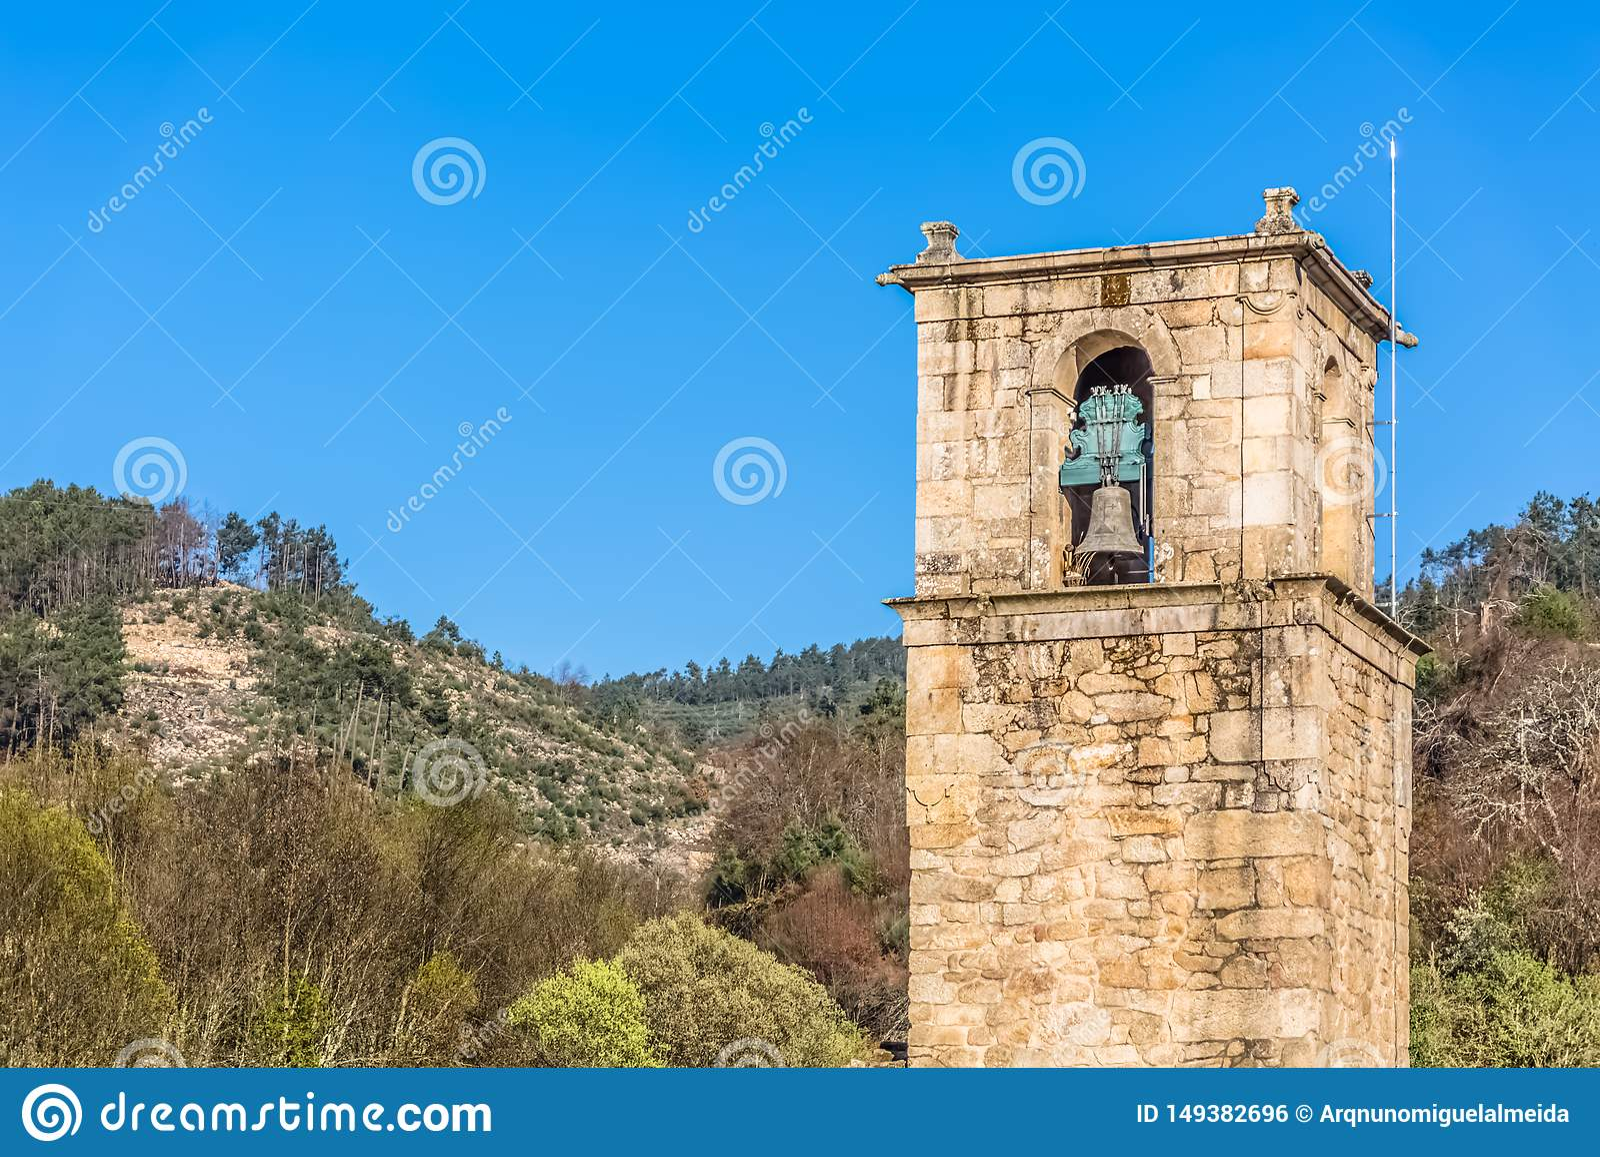 Άποψη του ιστορικού κτηρίου στις καταστροφές, μονή του ST John Tarouca, λεπτομέρεια του κουδουνιού πύργων της μονής του cister